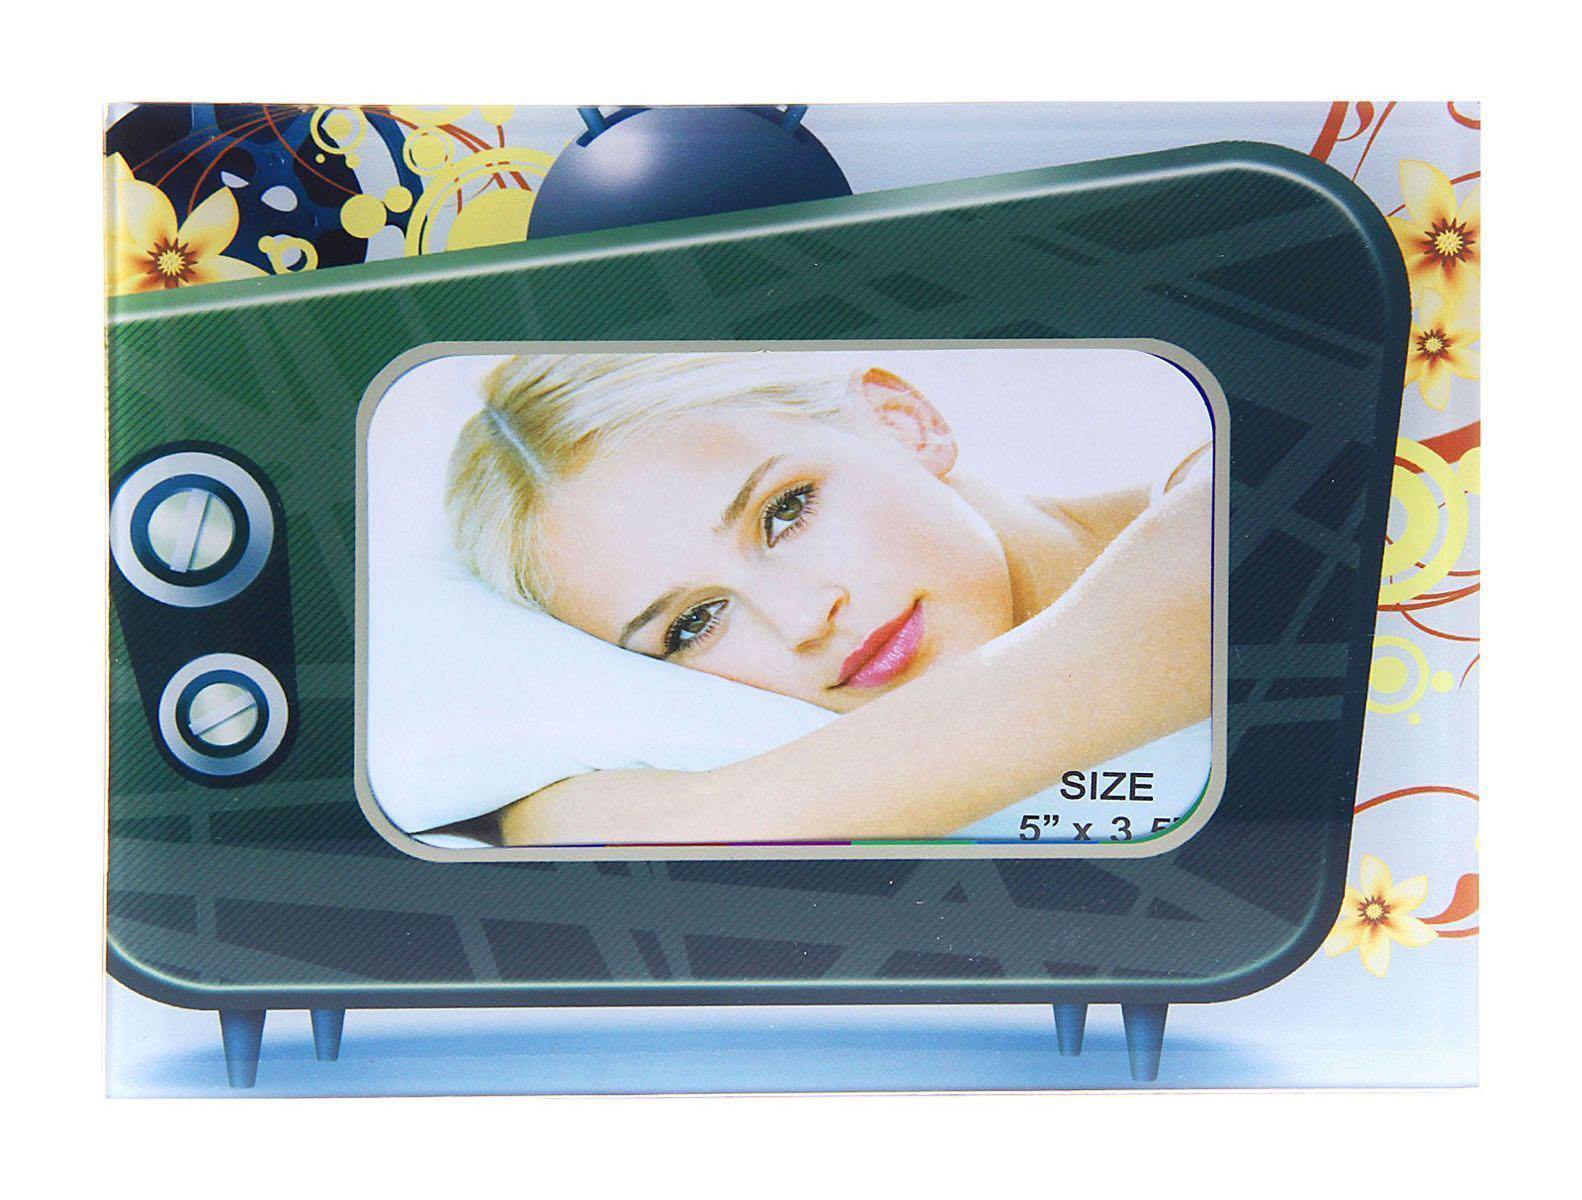 Фоторамка Sima-land Телевизор, 9 х 13 смБрелок для ключейФоторамка Sima-land Телевизор - сувенир в полном смысле этого слова. В переводе с французского souvenir означает «воспоминание». И главная задача любого сувенира – хранить воспоминание о месте, где вы побывали, или о том человеке, который подарил данный предмет.